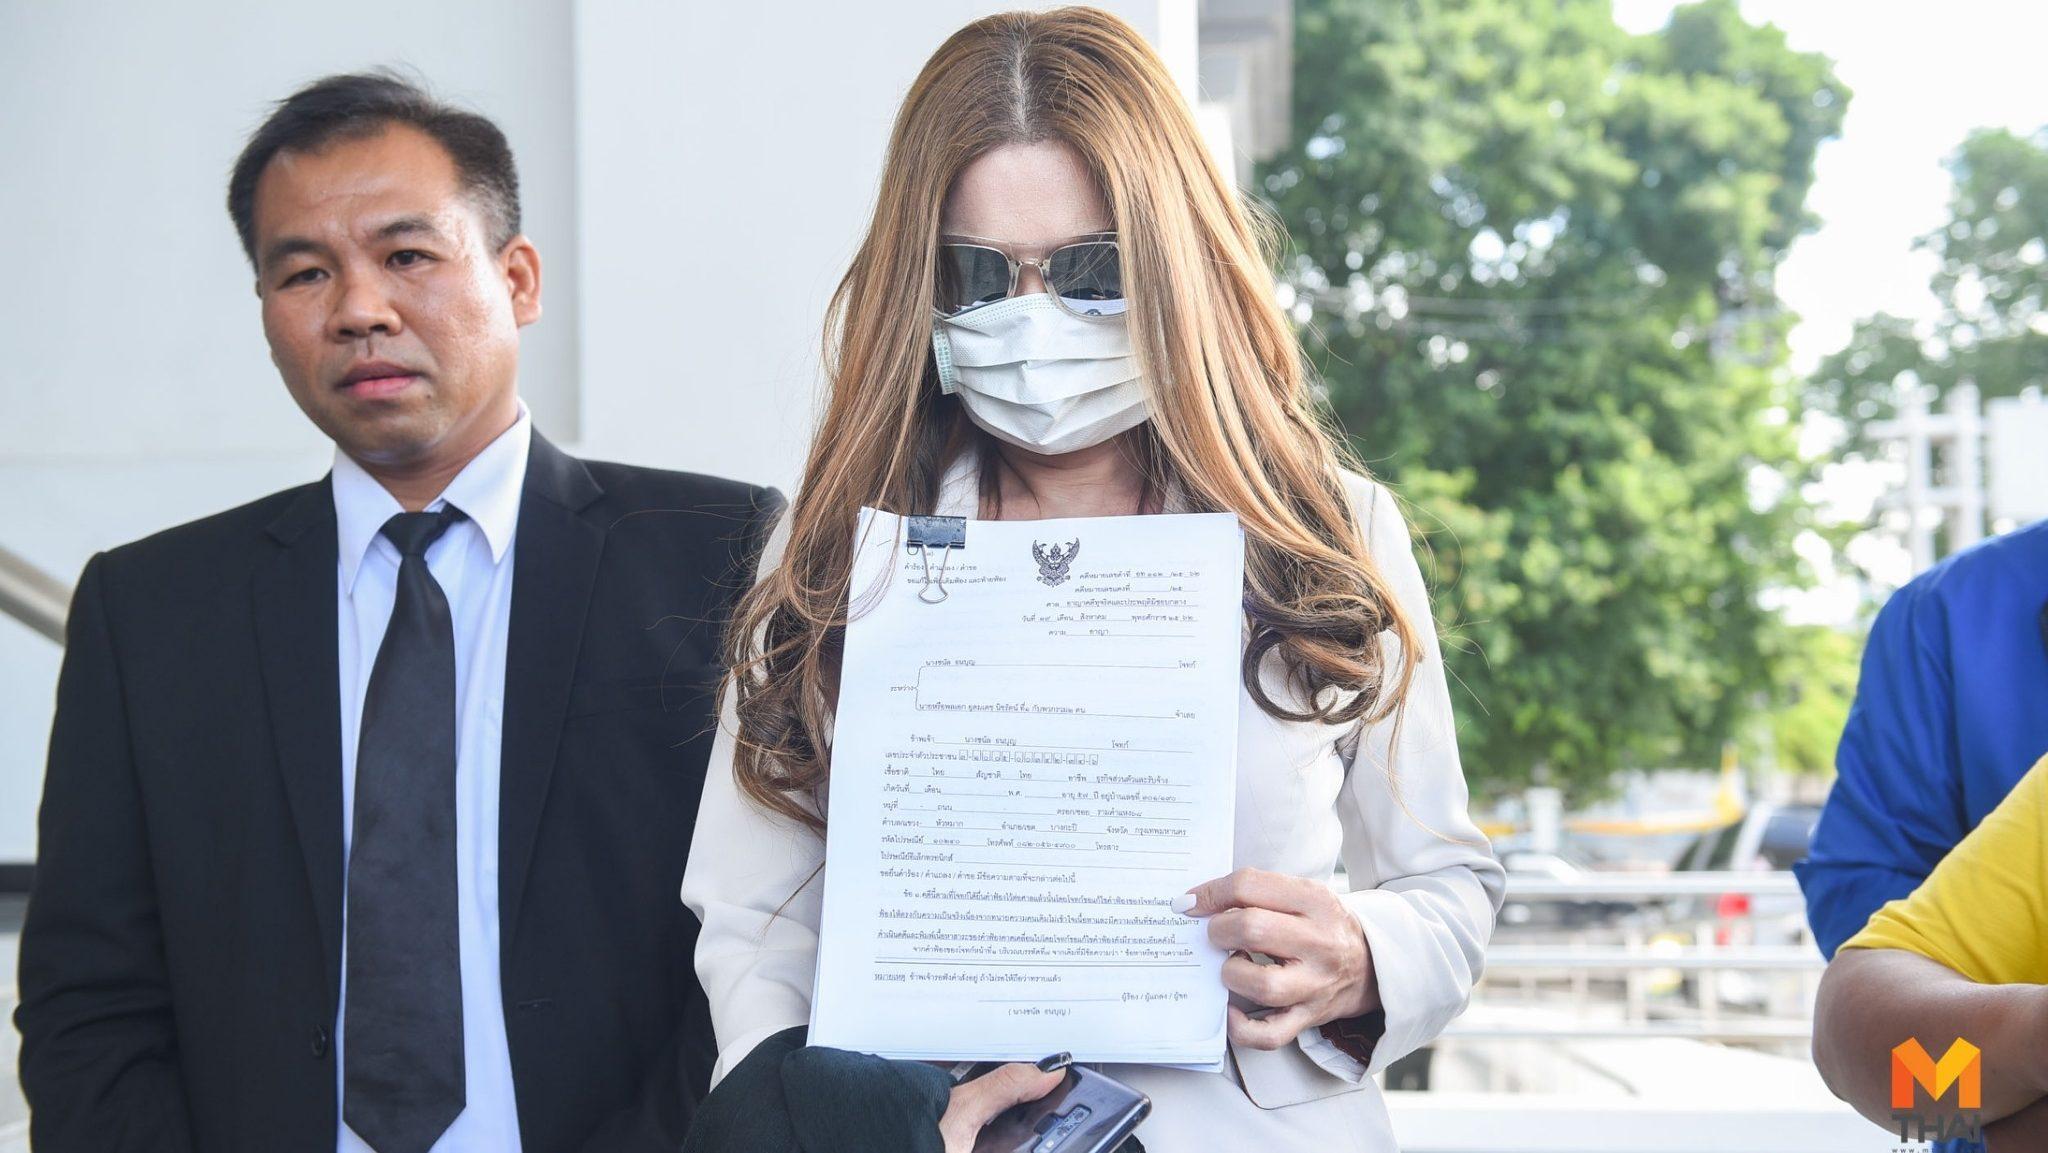 ผ่านมา กว่าปีคดีไปคืบ อดีตดาราสาว ร้องศาลคดีทุจริตฯ ช่วย ถูก ทหารยศ พล.อ. ลวงขืนใจ